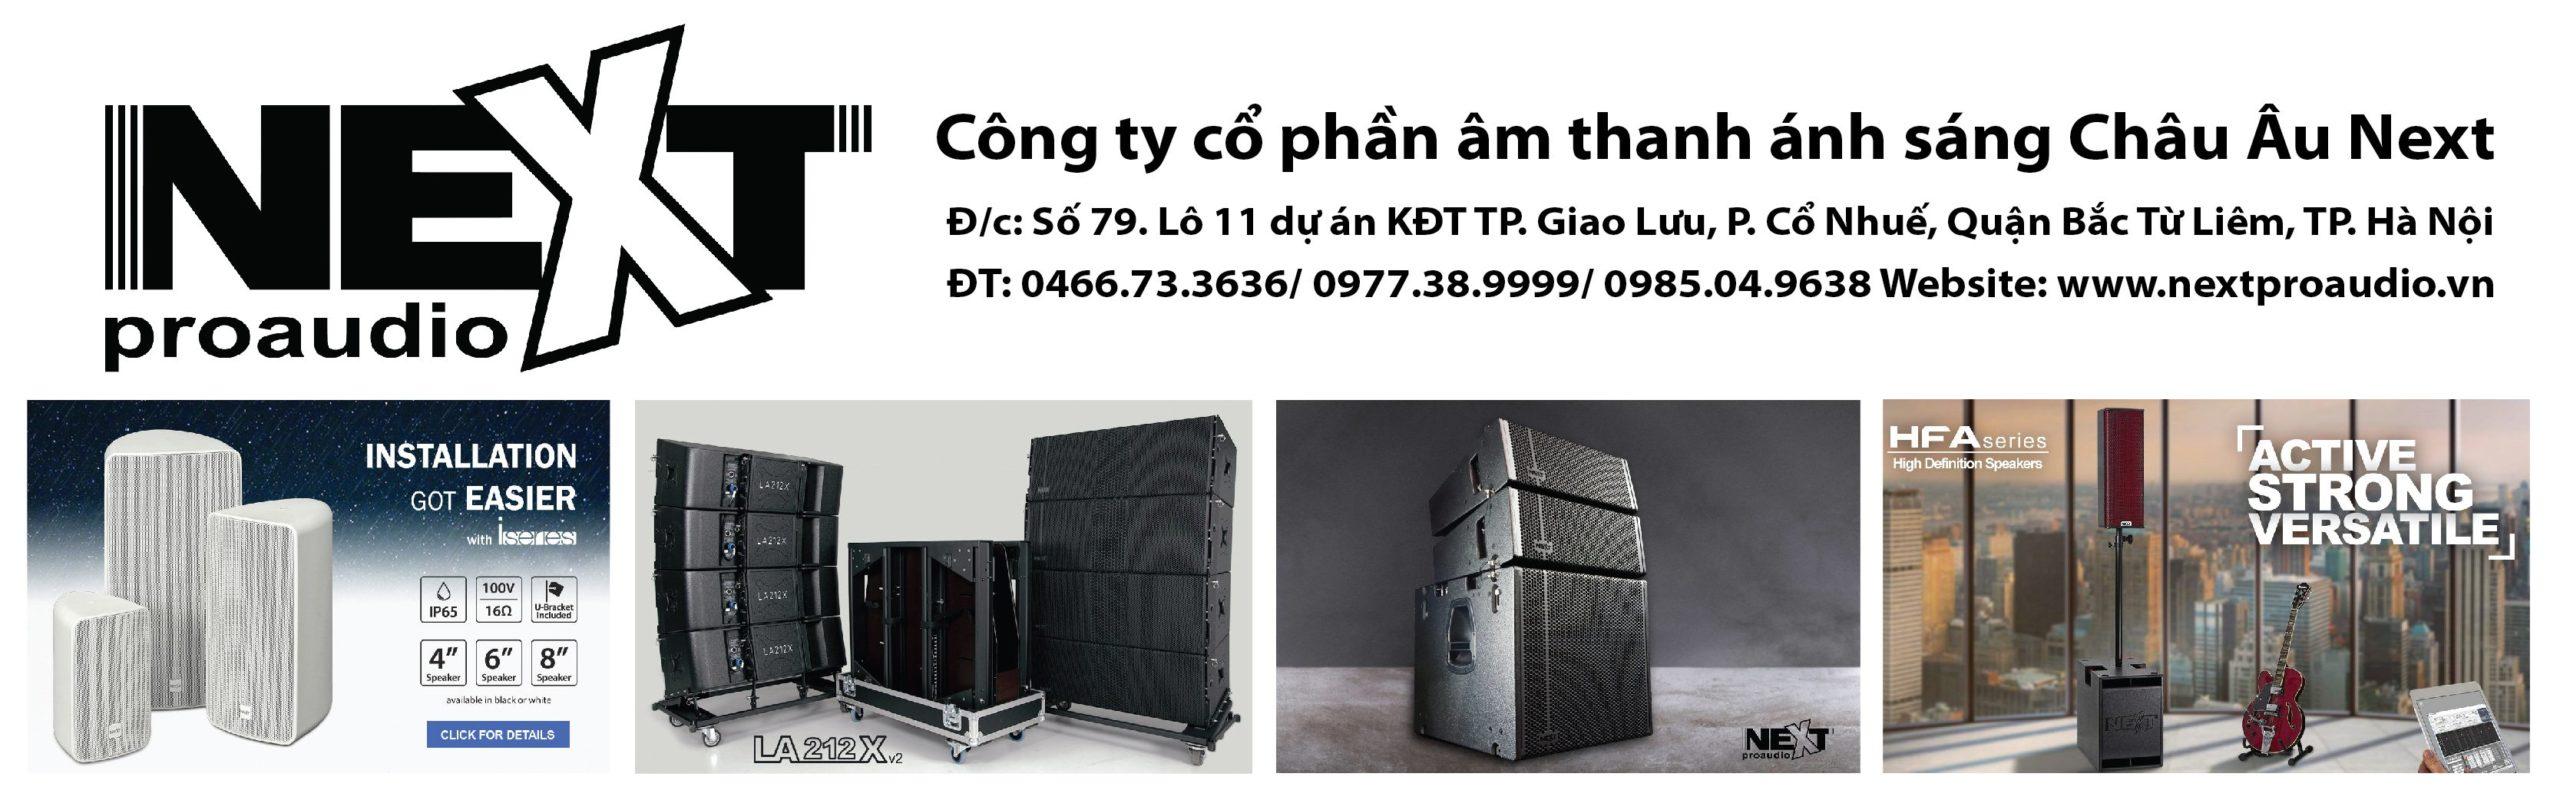 Đơn vị phân phối độc quyền các sản phẩm của Next Proaudio tại Việt Nam